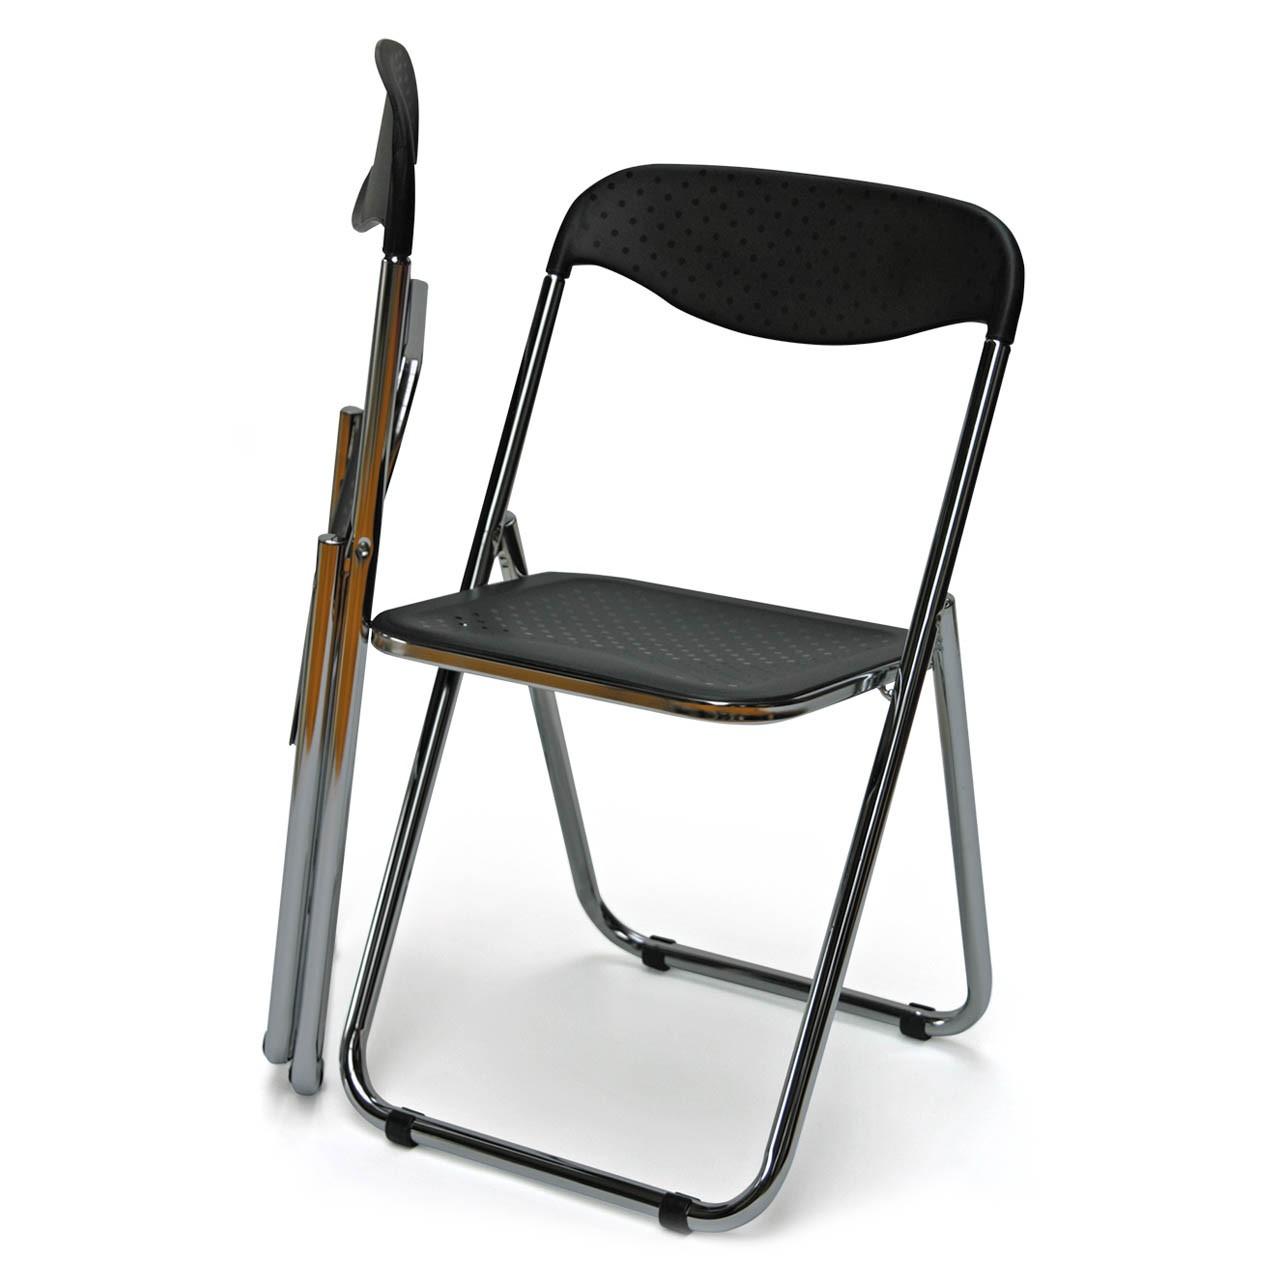 Chaise Top Pliante Top Pliante Chaise Chaise Pliante Chaise Top v0OmwNn8